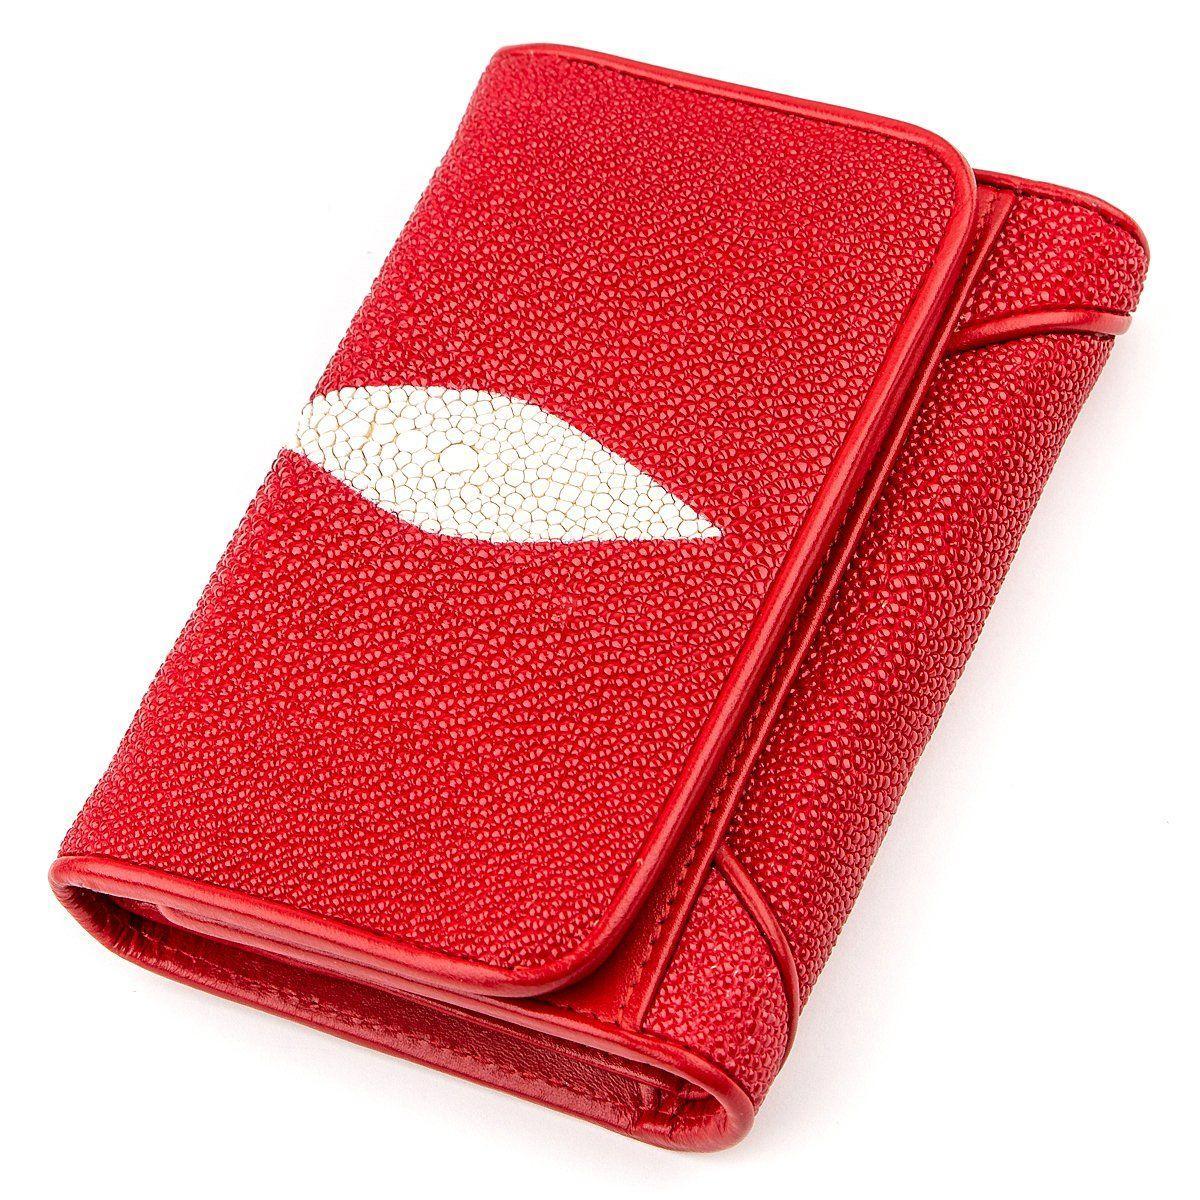 Кошелек Женский Stingray Leather 18287 Из Натуральной Кожи Морского СкатаКрасный, Красный